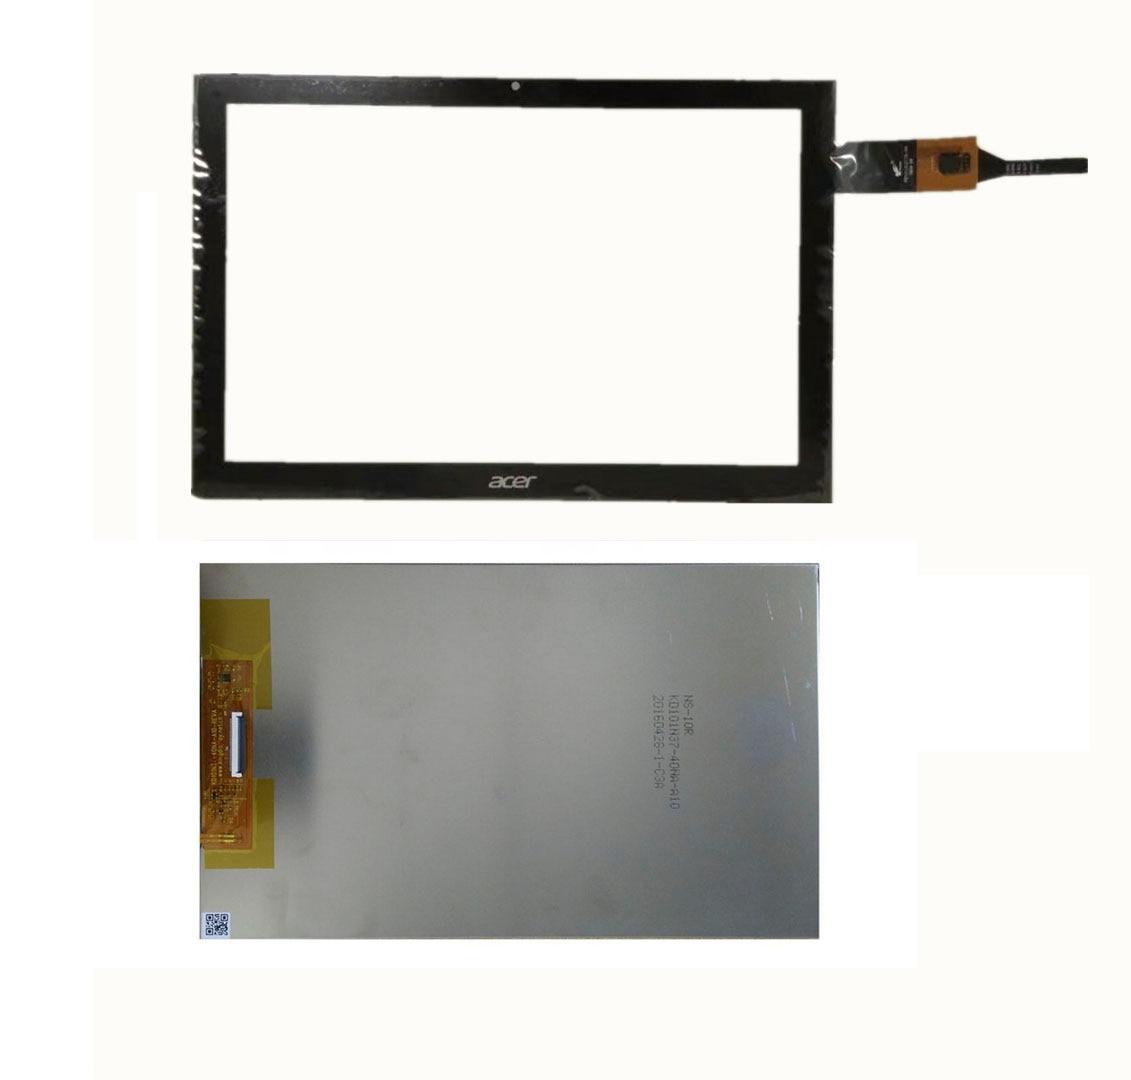 LPPLY, новый дигитайзер в сборе для acer iconia one 10 B3 A40 A7001 B3 A40, ЖК дисплей, матричный экран + сенсорный экран, дигитайзер, панель